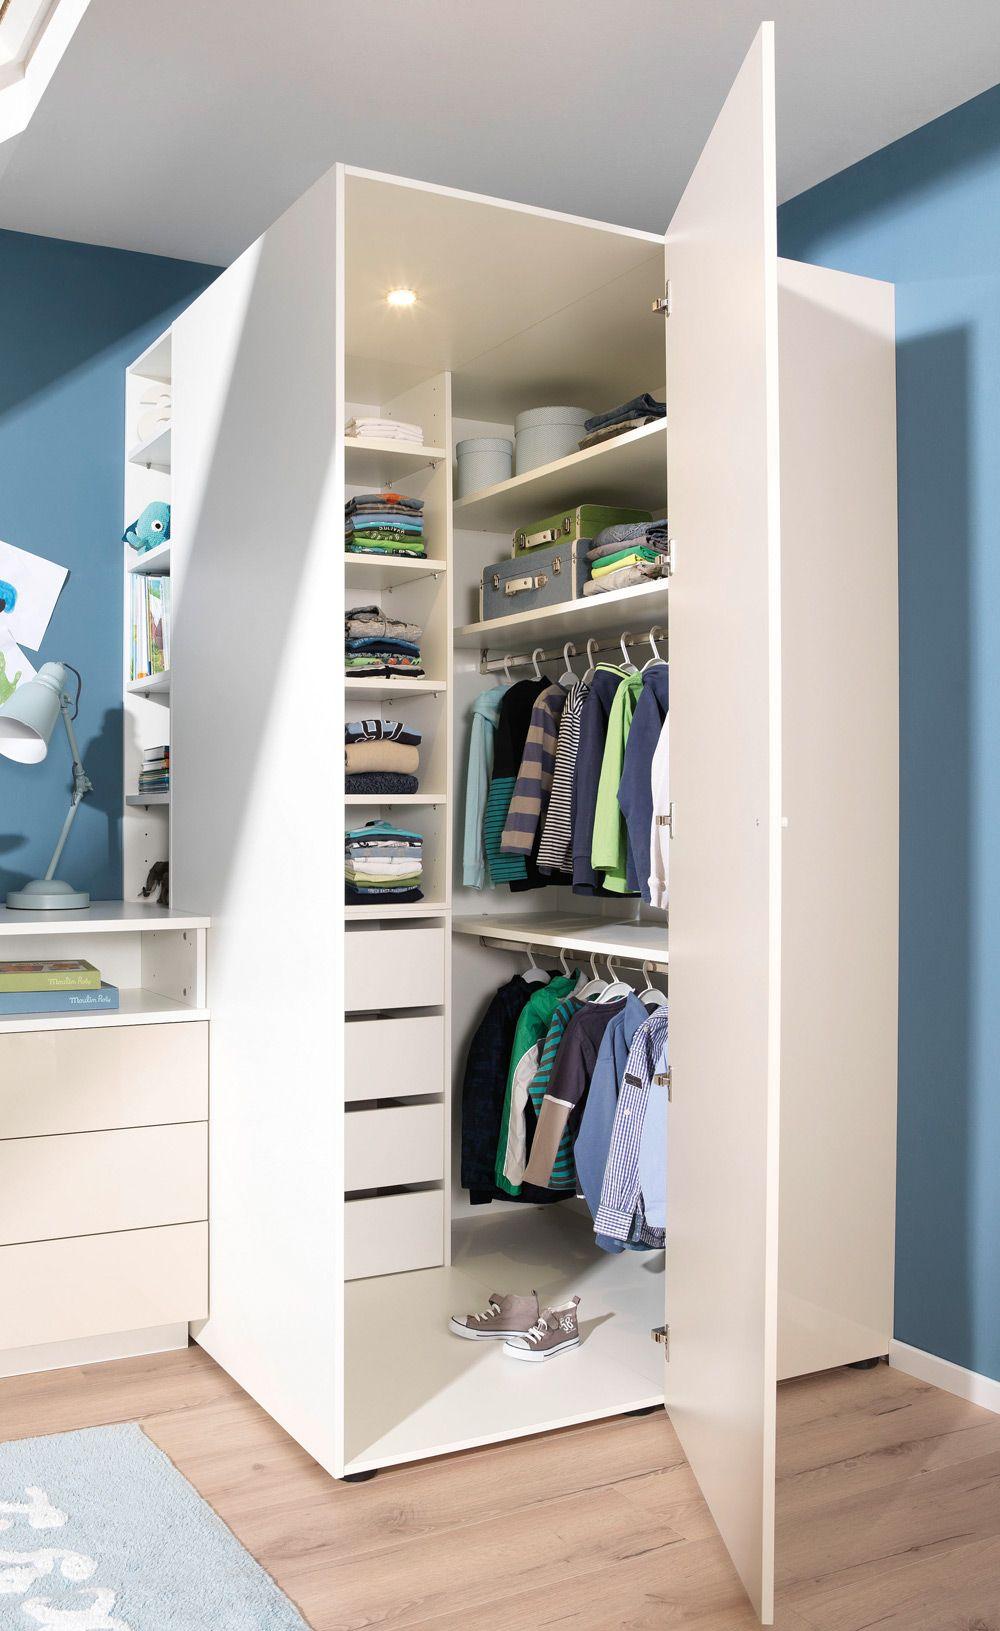 Billig Begehbarer Kleiderschrank Fur Kinderzimmer Kleiderschrank